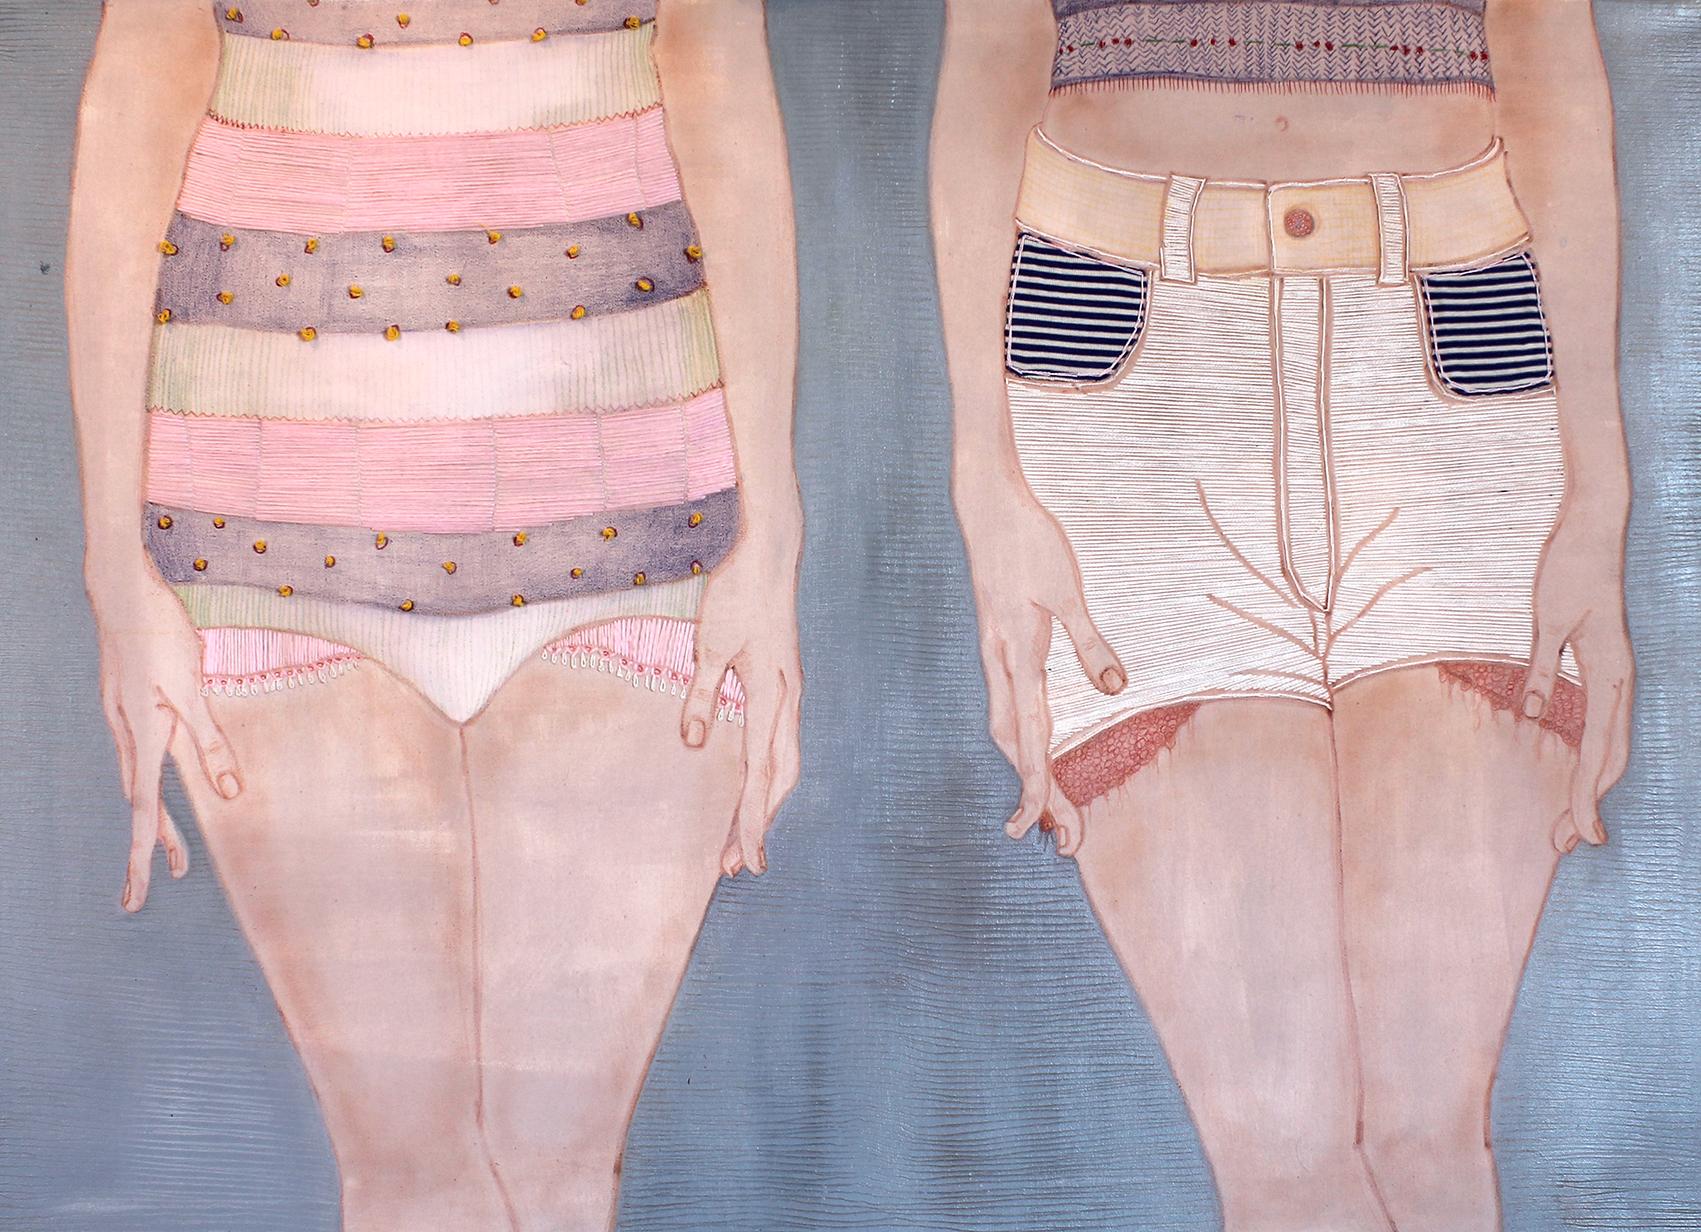 Lucia-Guadalupe-Guillen-Acrilico-matite-e-lana-colorata-su-tela70x100cm-2014.